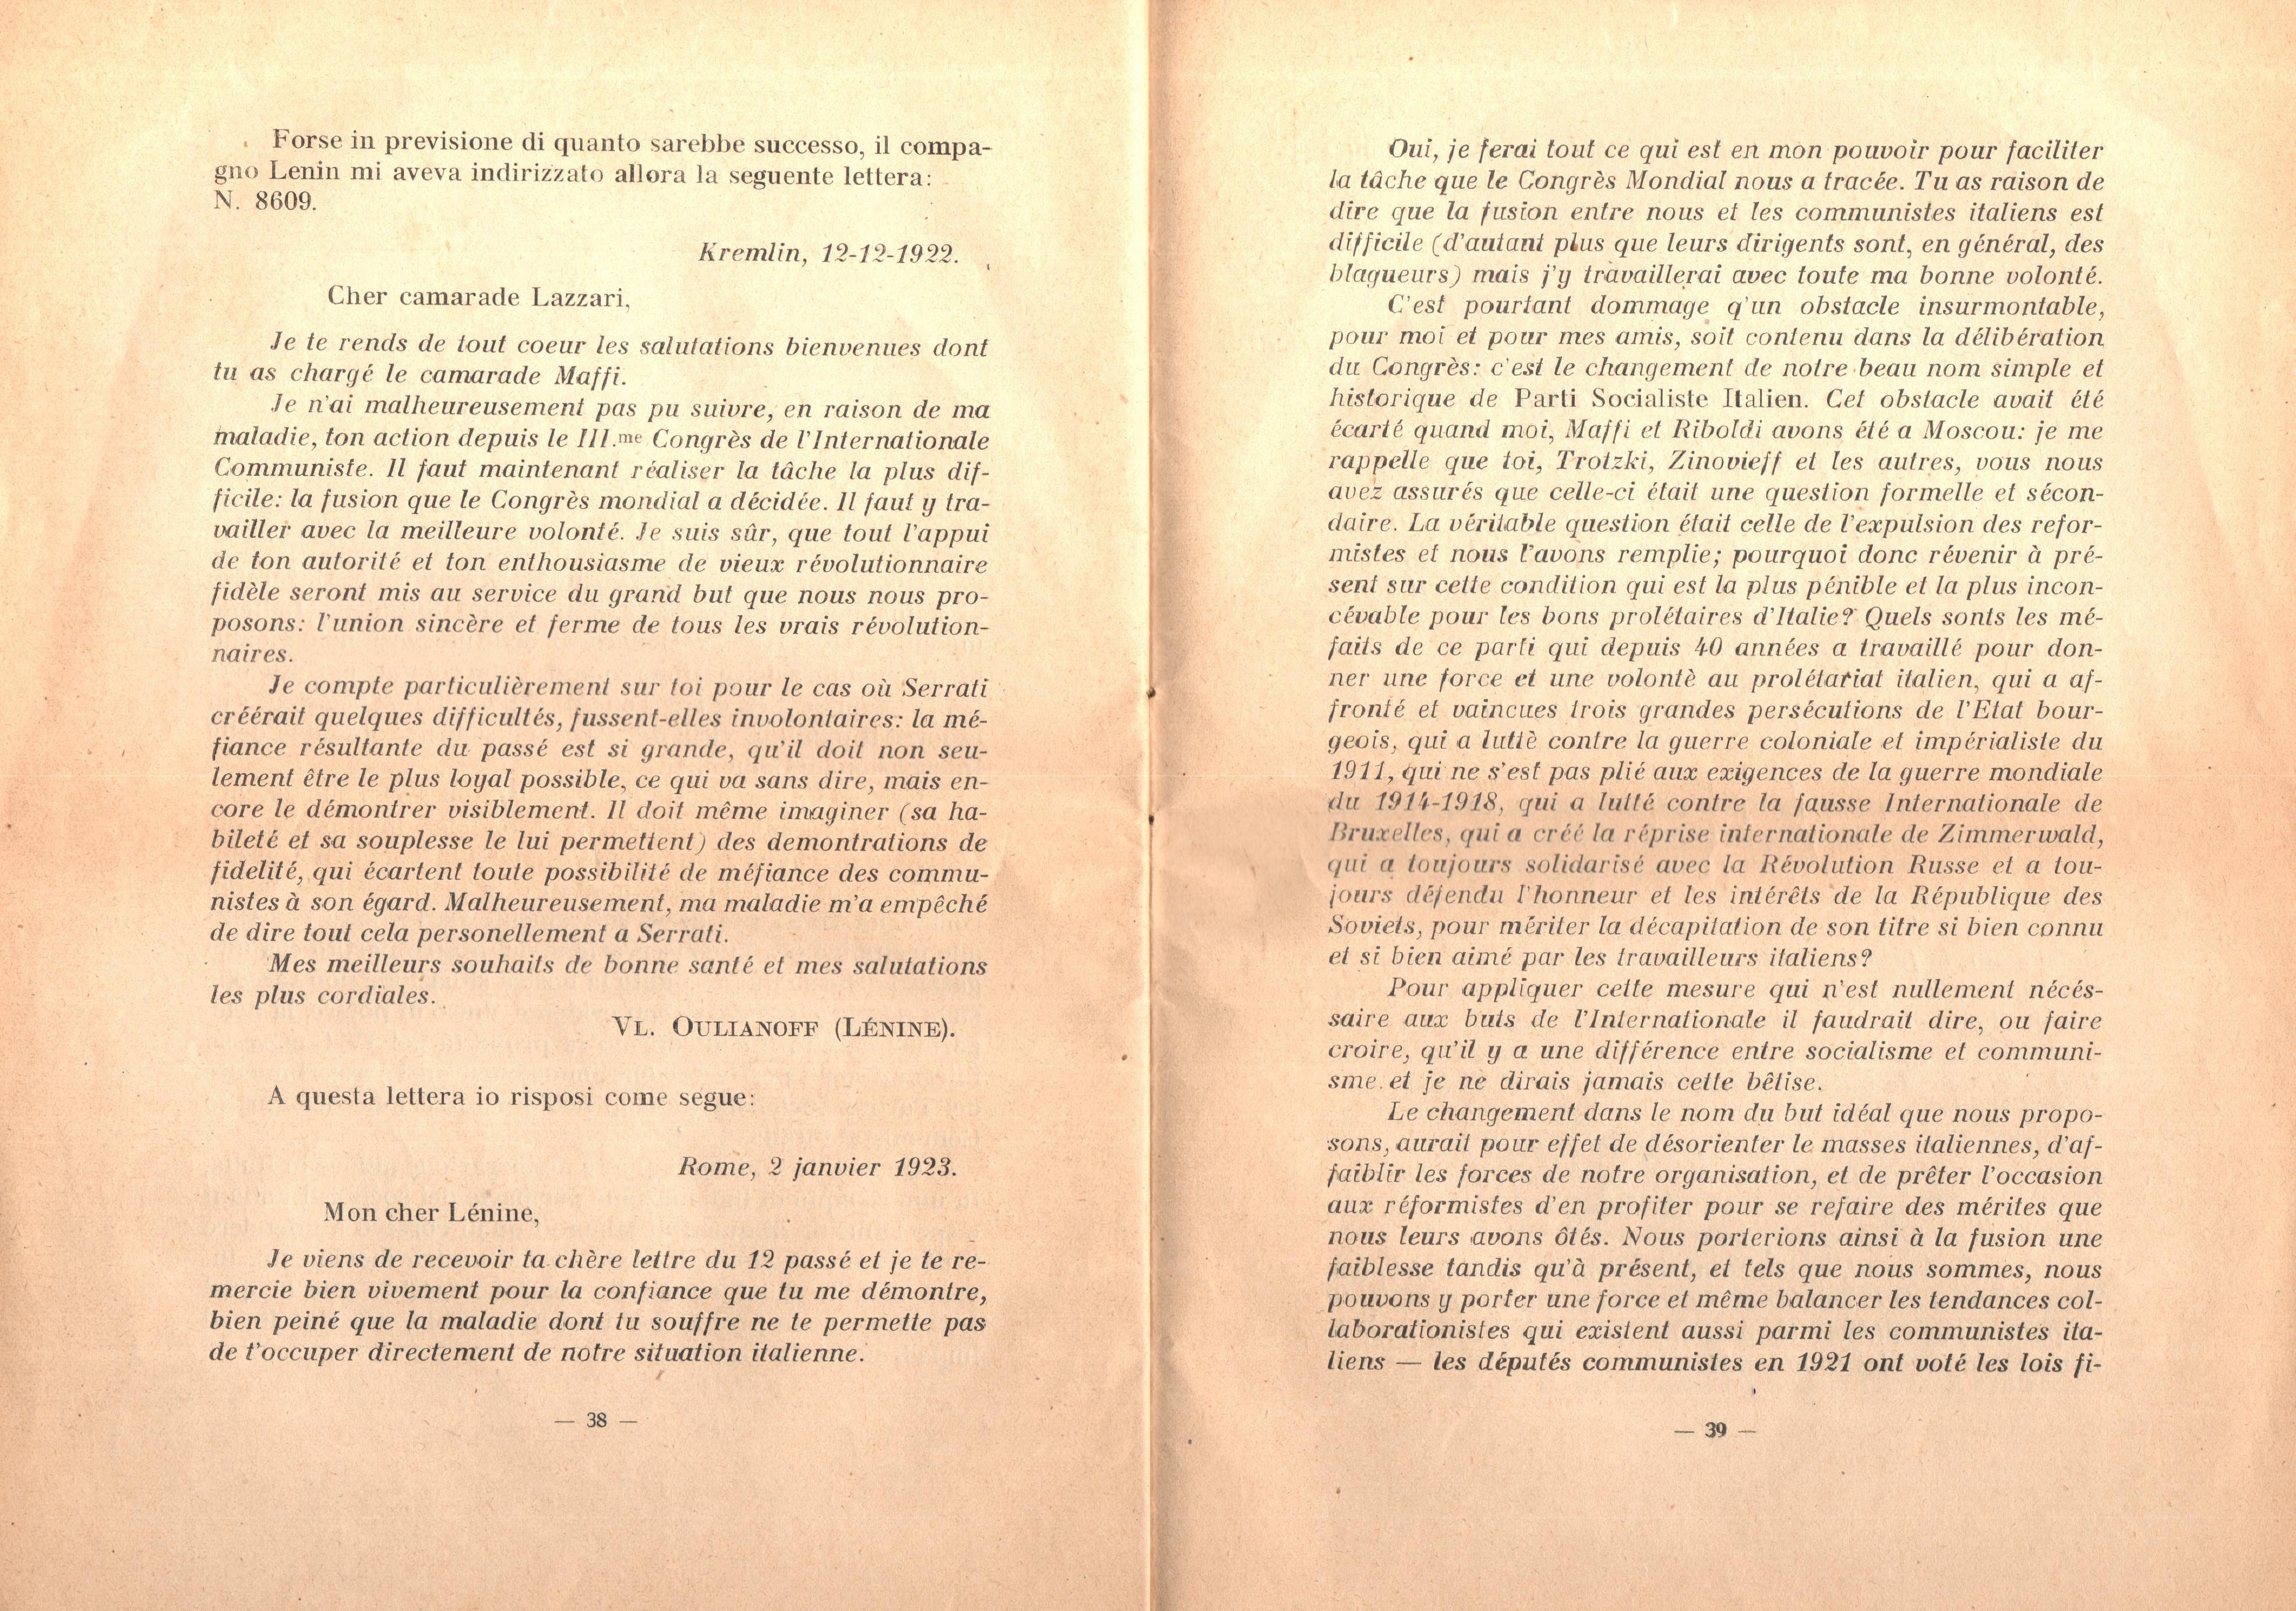 C. Lazzari, Il mio ultimo colloquio con Nicola Lenin - pag. 21